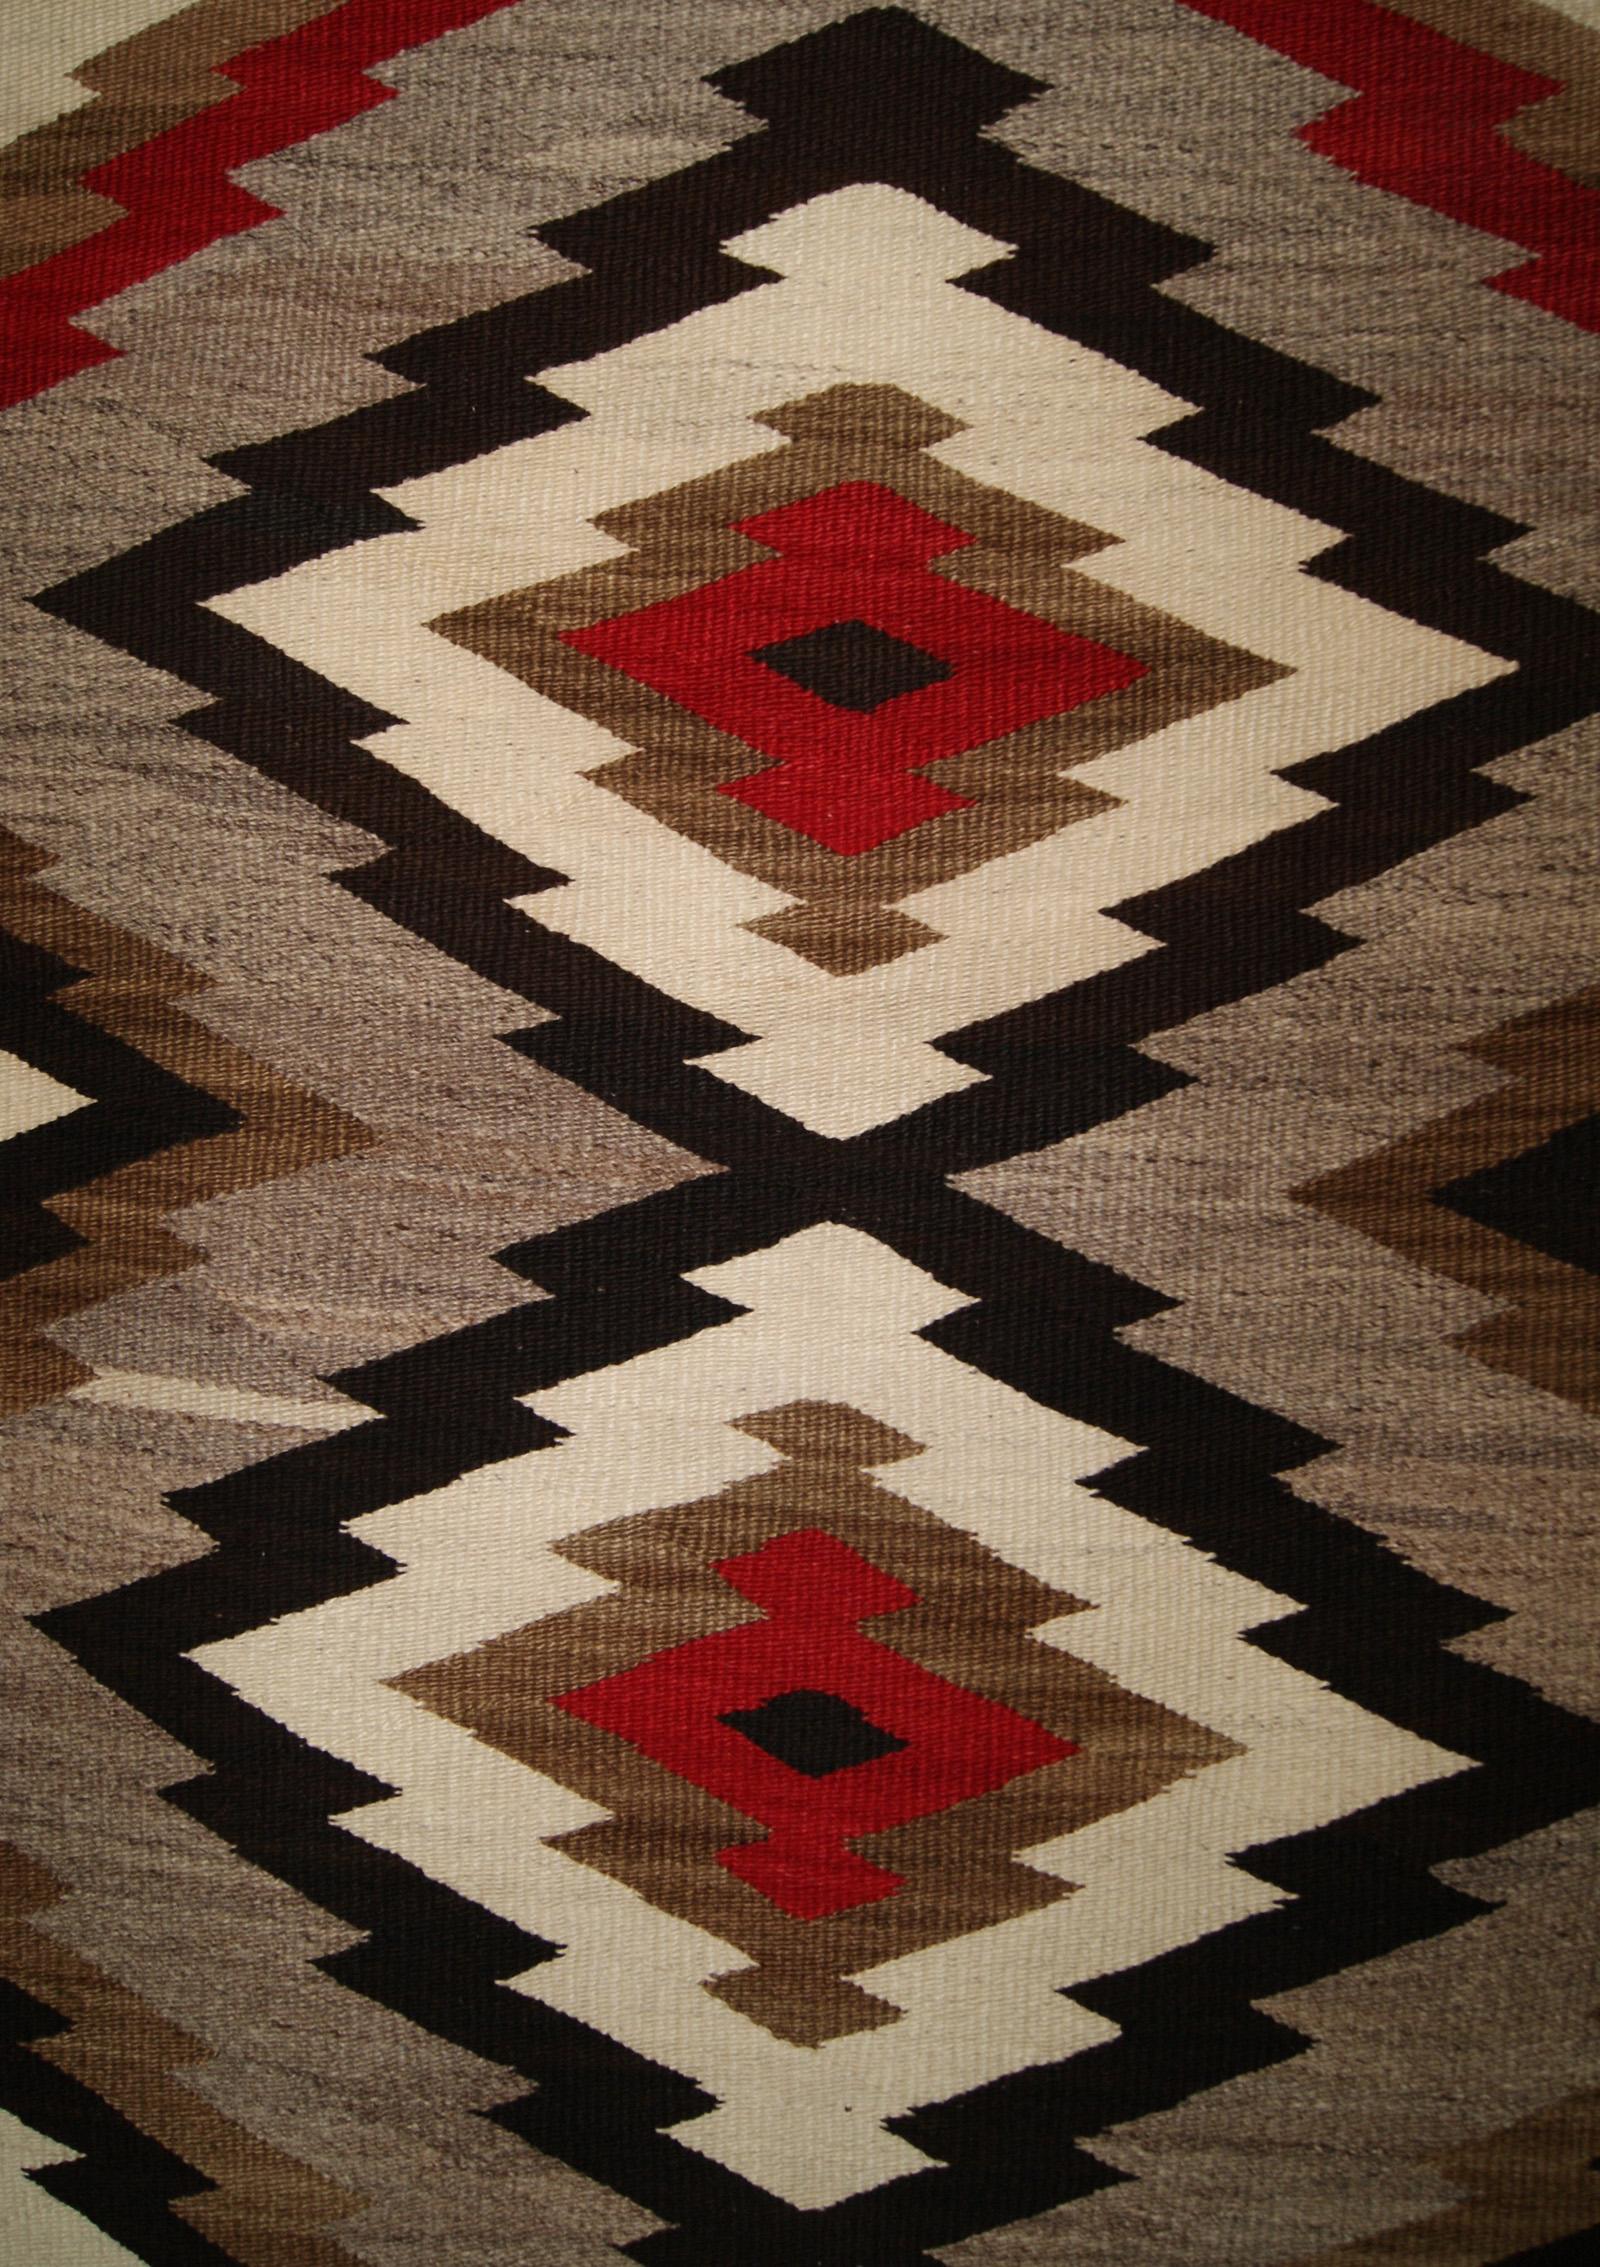 Historic Old Crystal Navajo Rug Weaving Circa 1930